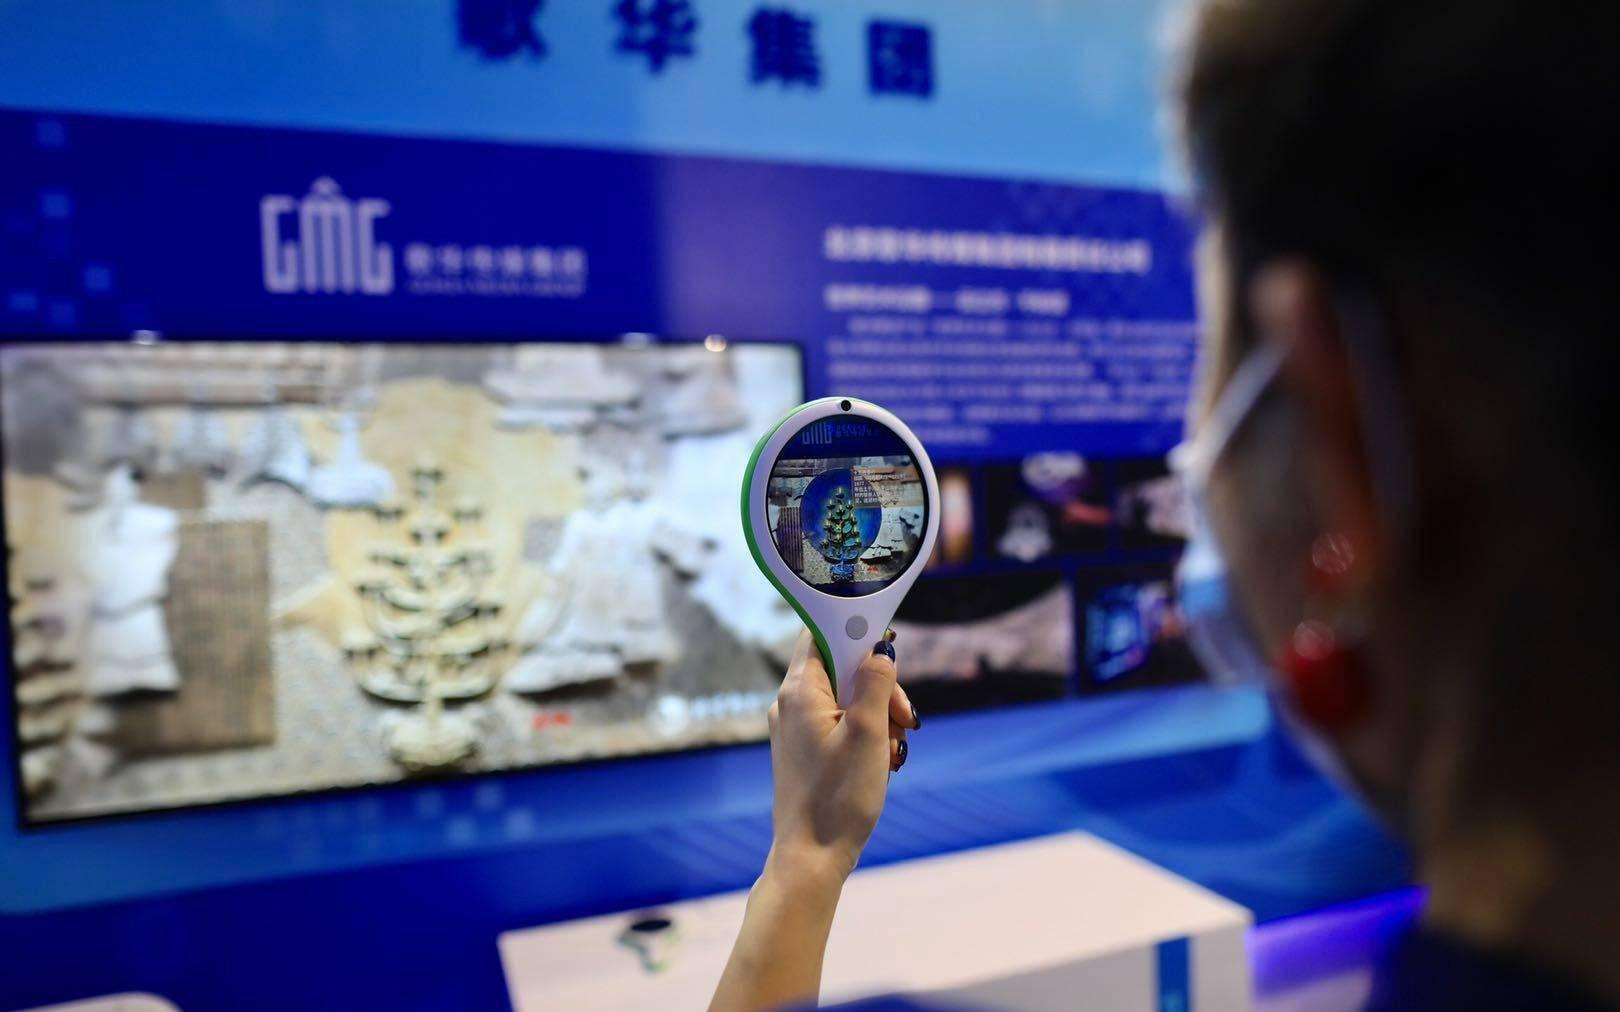 直击科博会:防疫新科技和城市大脑预示未来趋势